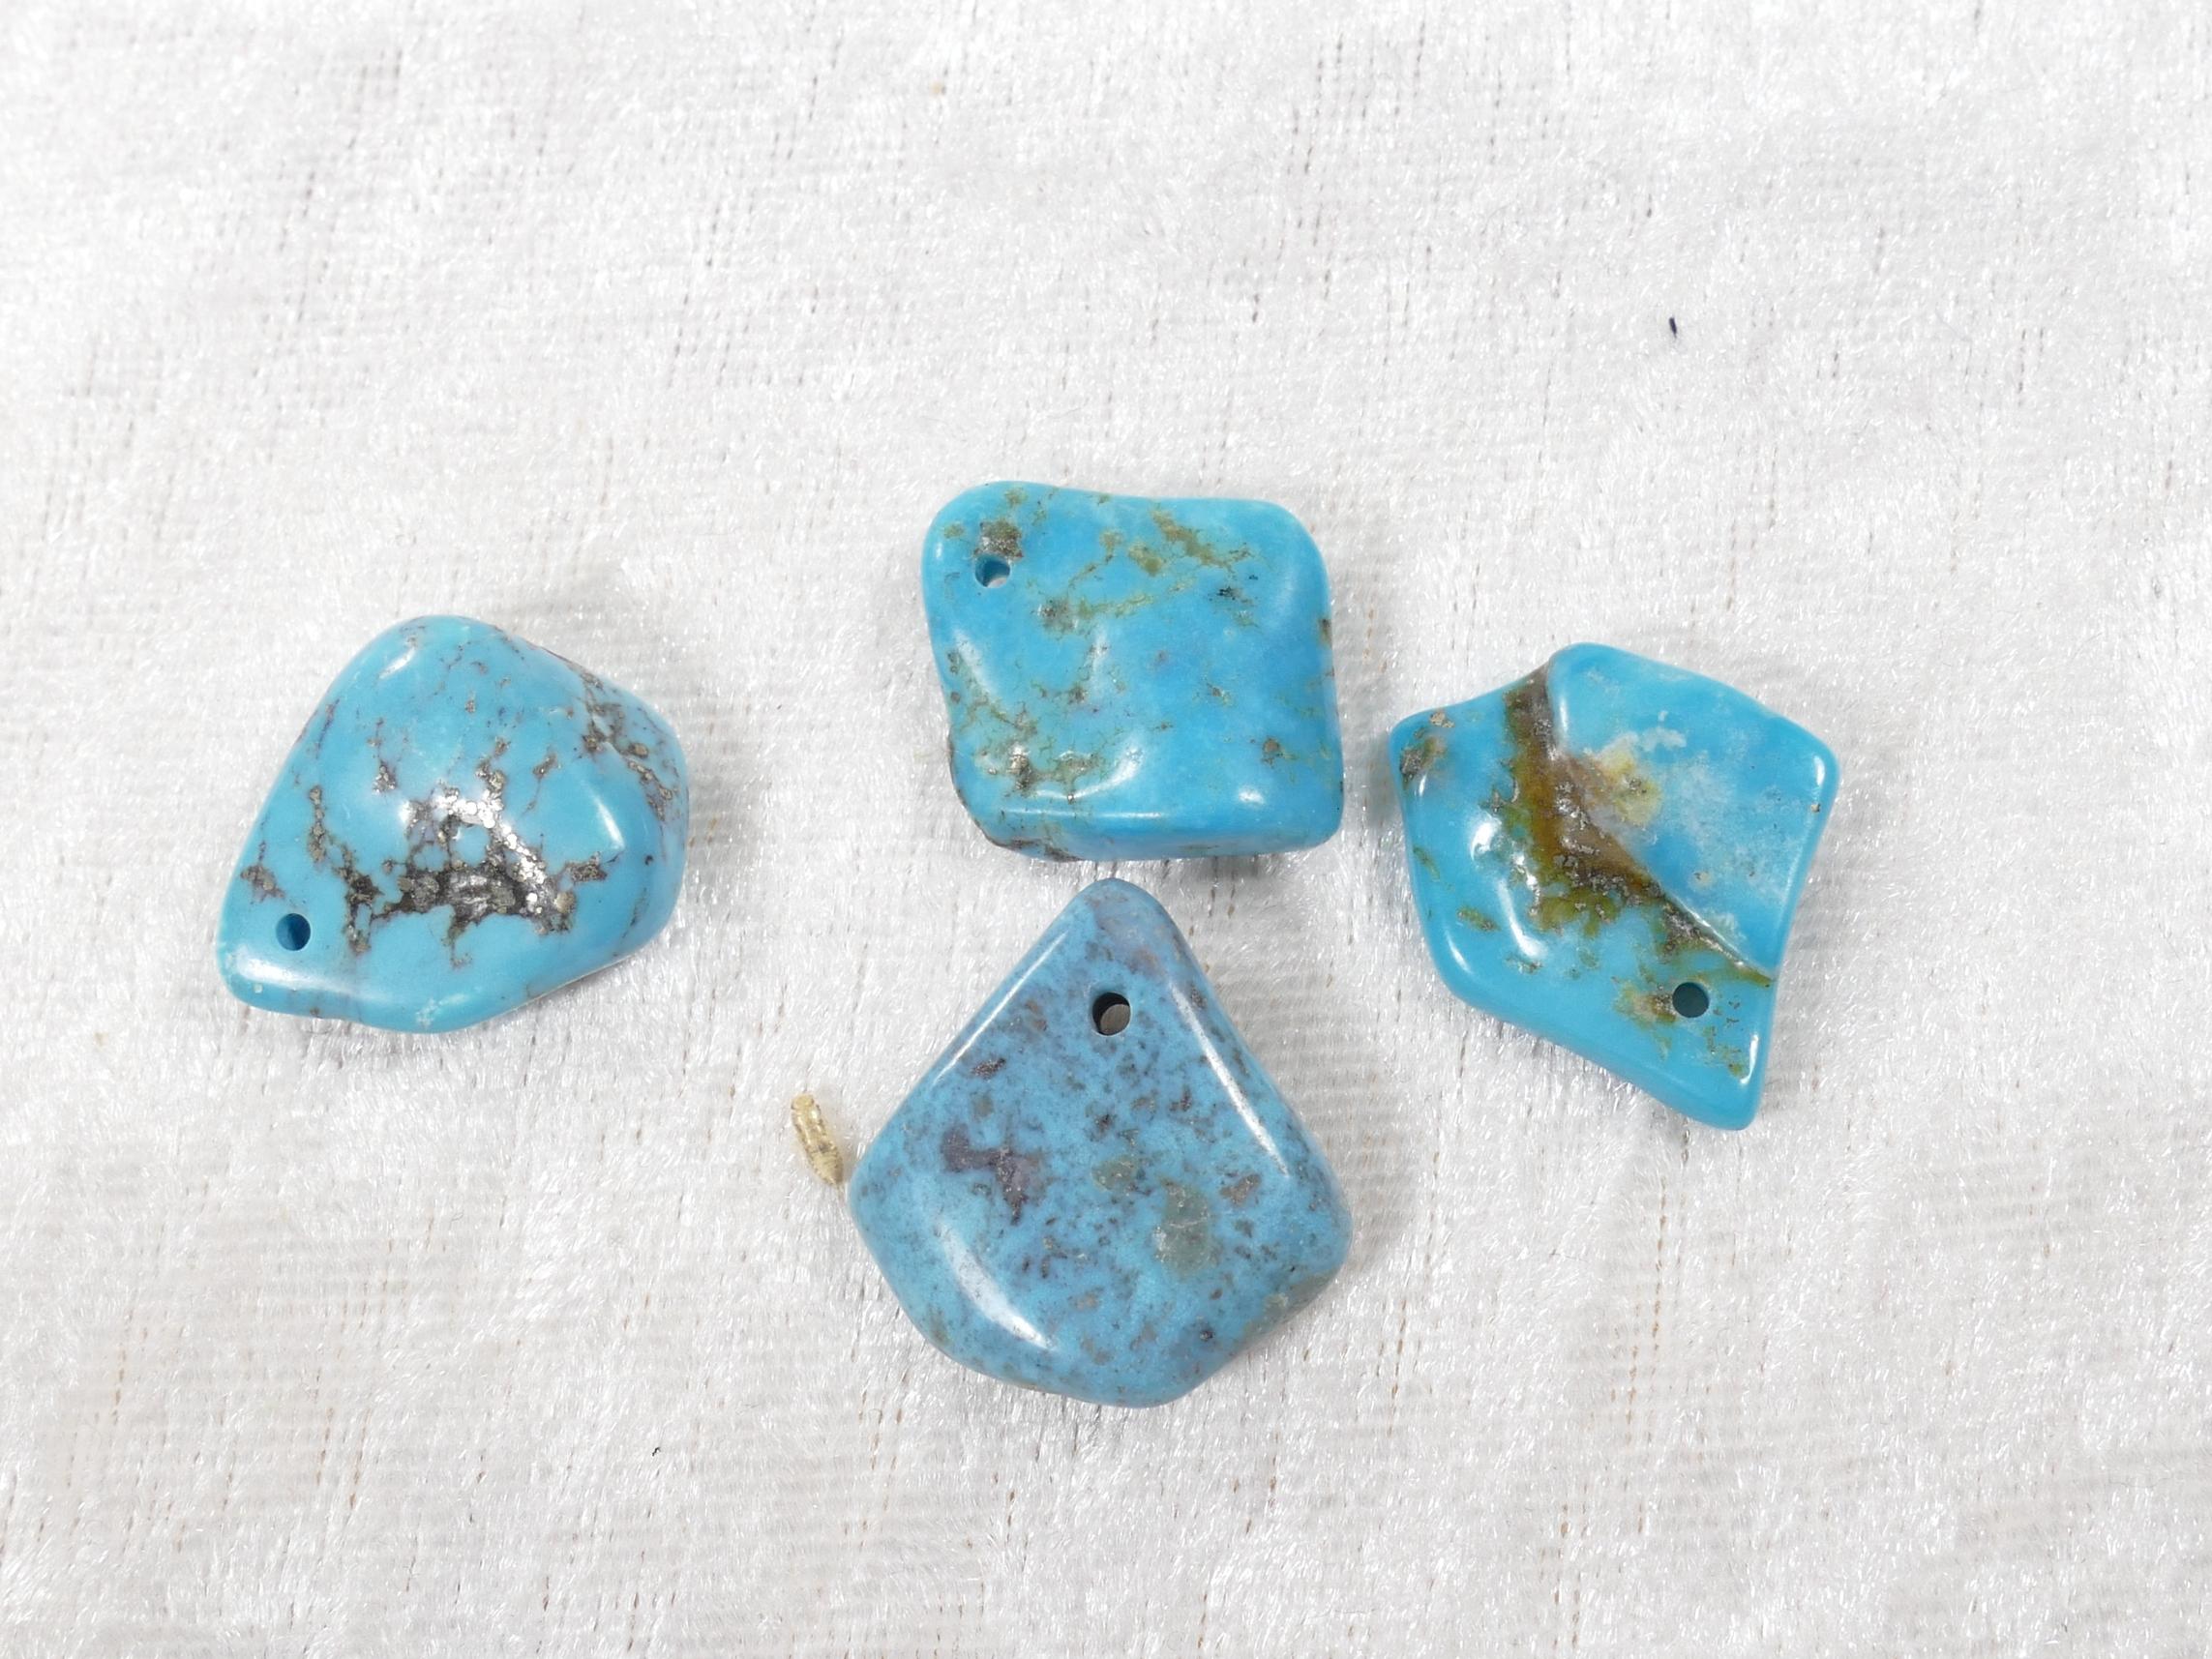 4 Perles de Turquoise naturelle en morceau roulé poli (#PM688)